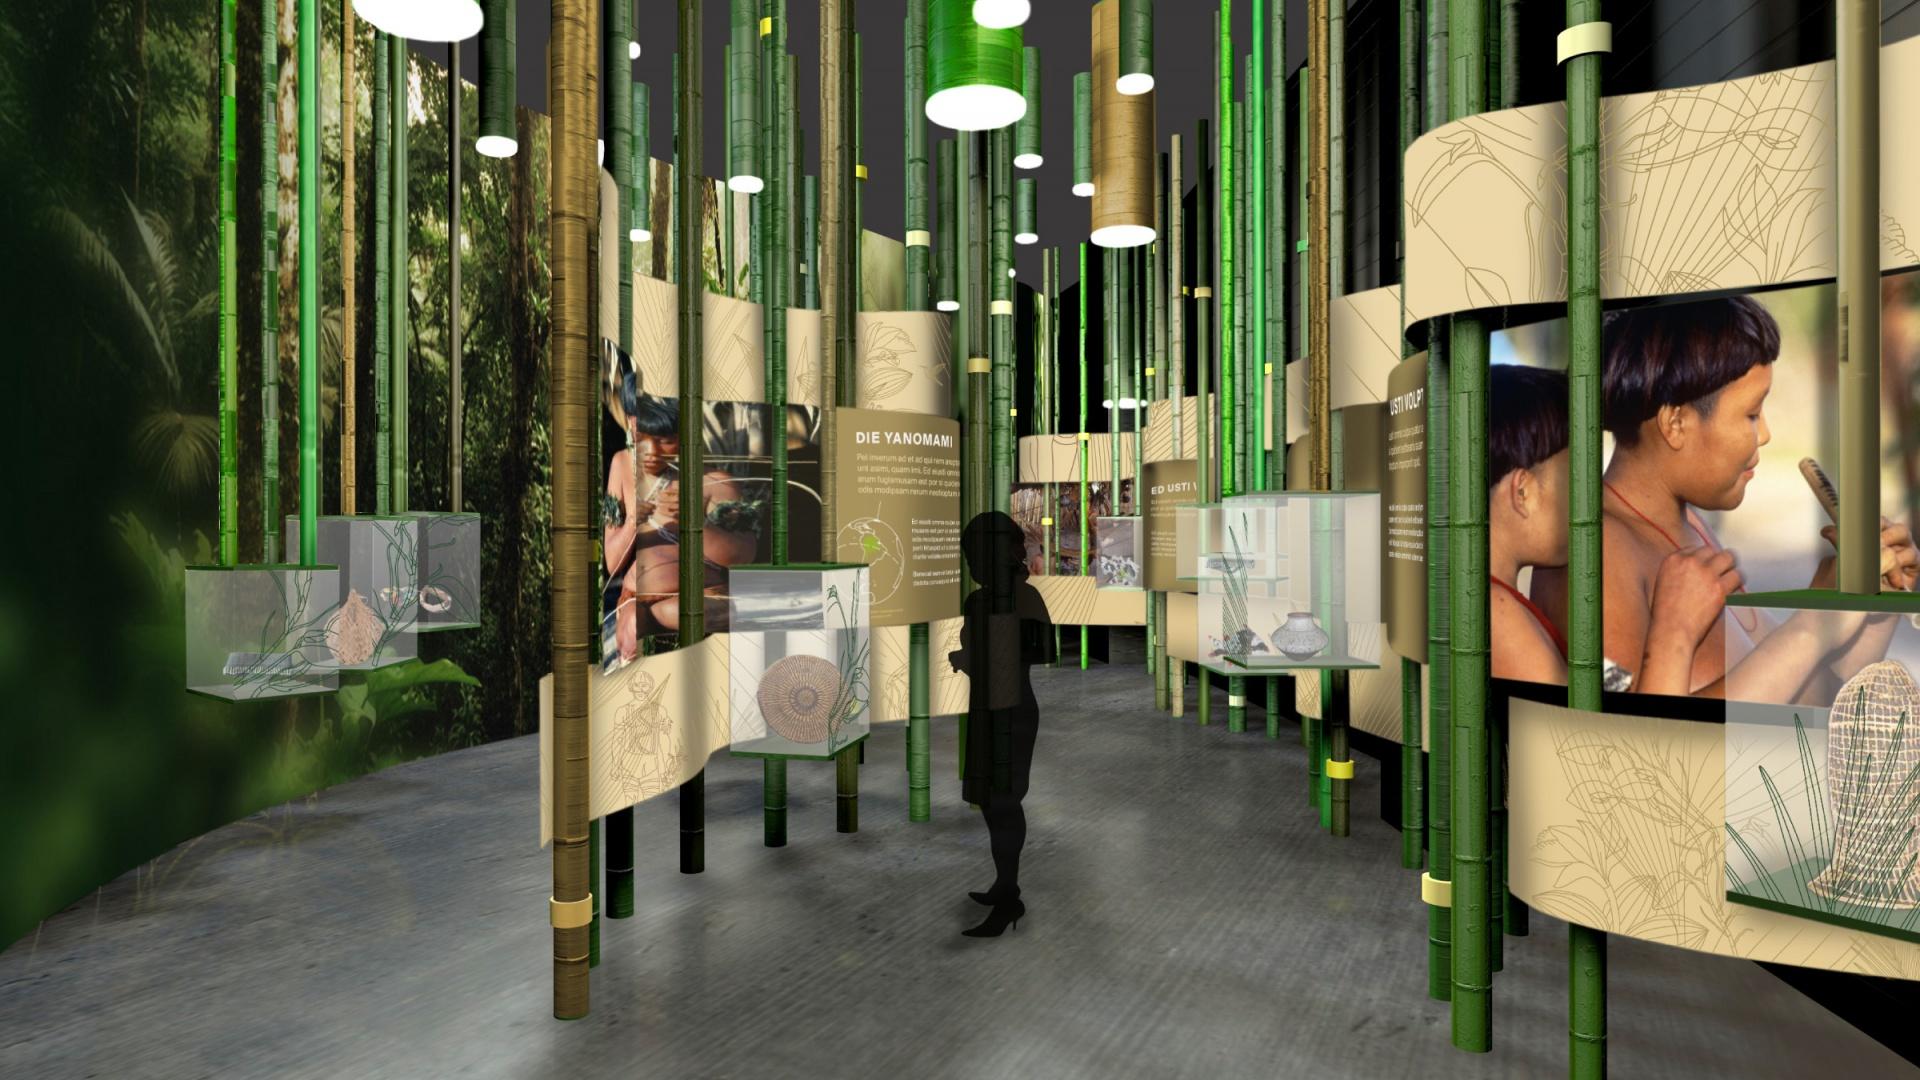 Leitsystem »Regenwald – eine Weltreise«